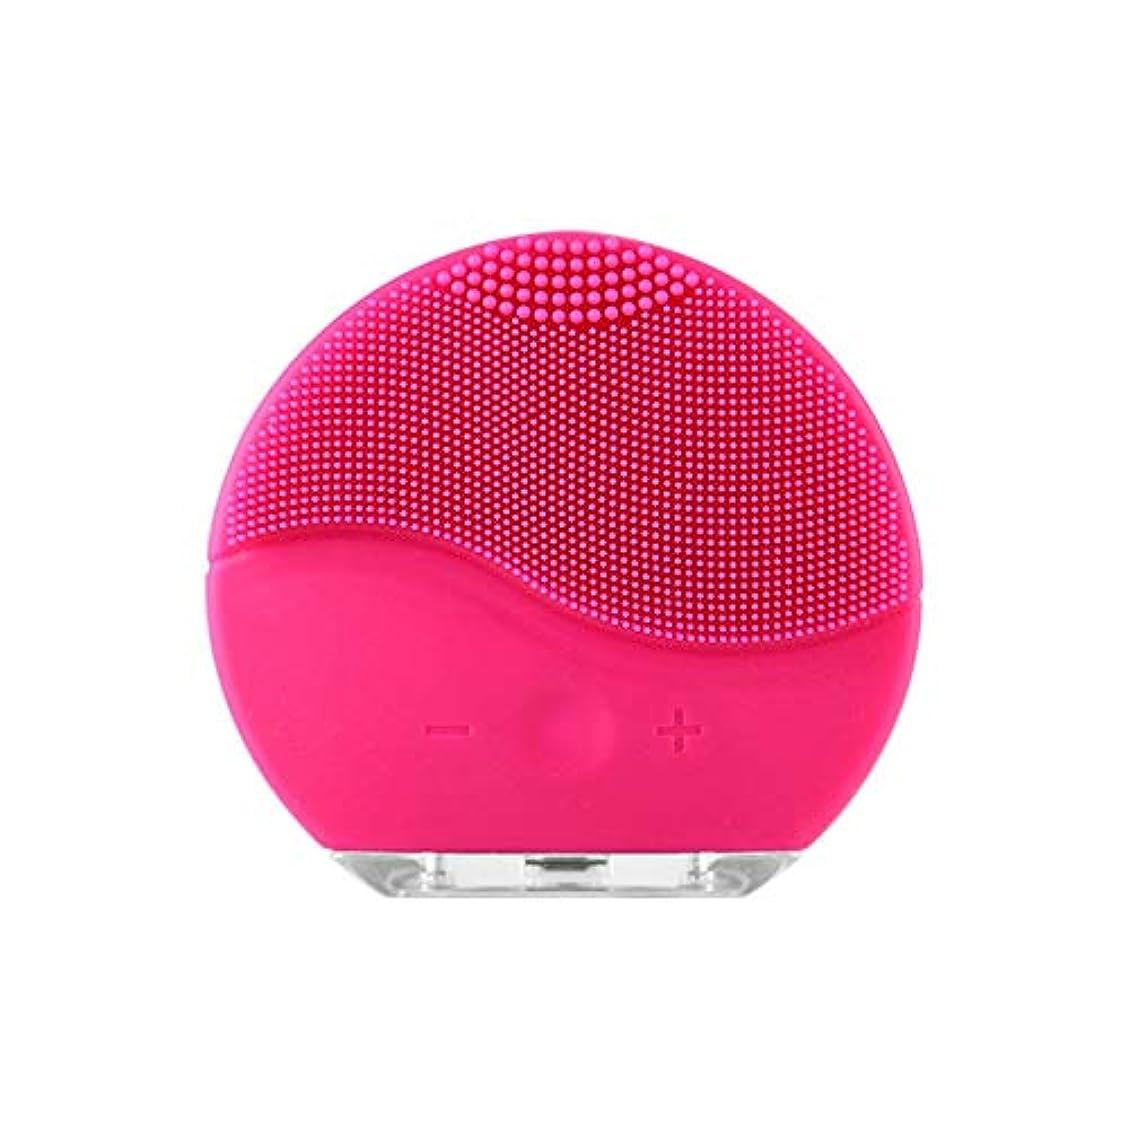 全滅させる暖かさ応答ZXF 新しい家庭用電化製品洗浄器具USB充電シリコーン電気美容器具洗浄ブラシピンク赤 滑らかである (色 : Red)